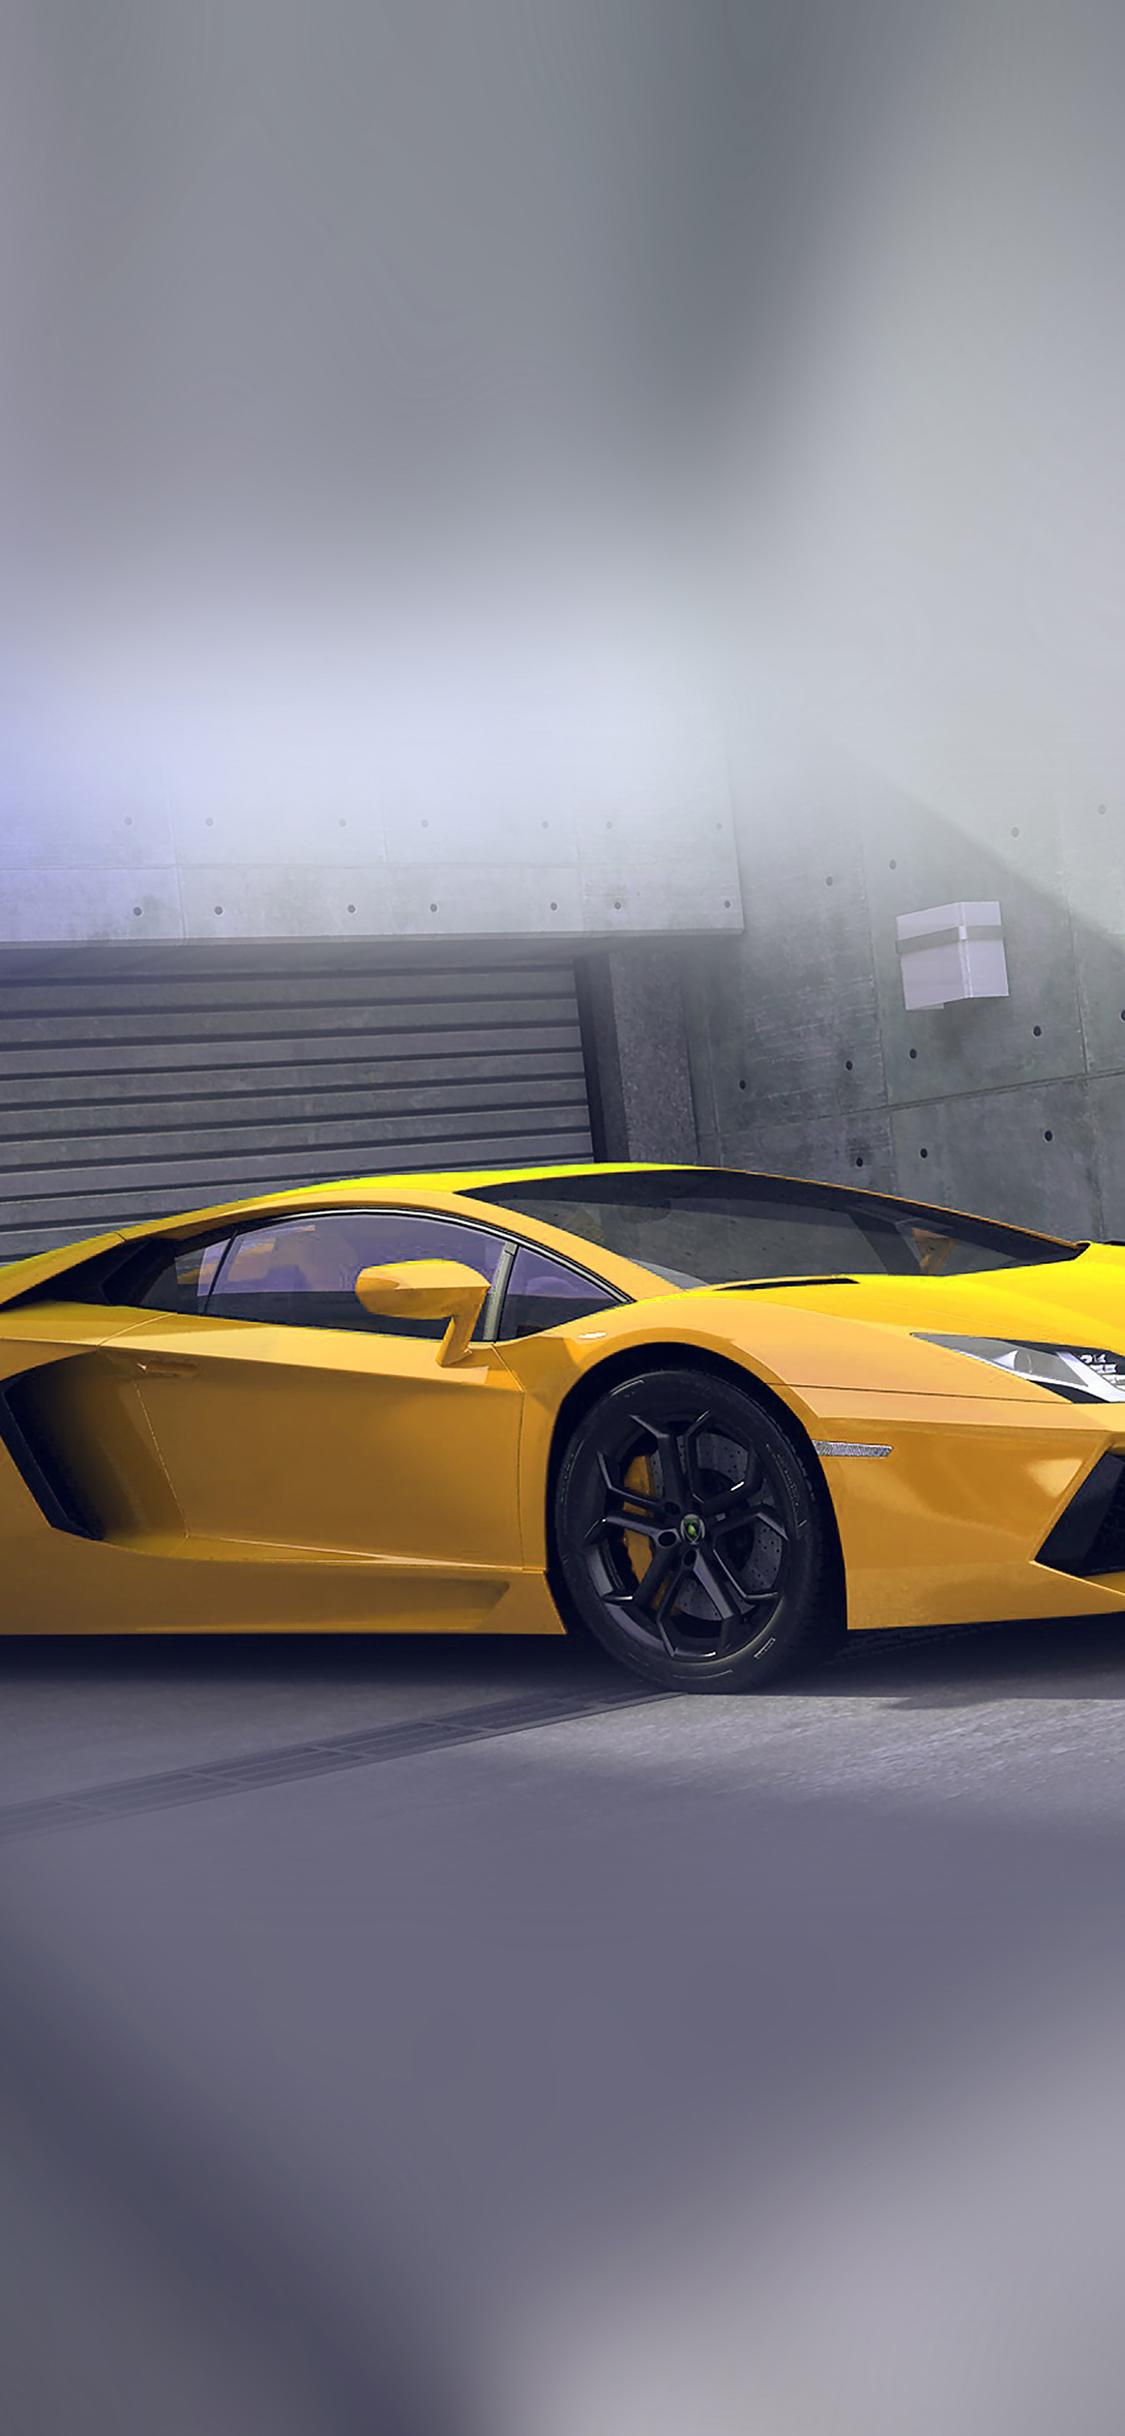 iPhoneXpapers.com-Apple-iPhone-wallpaper-ai90-yellow-lamborghini-parked-car-art